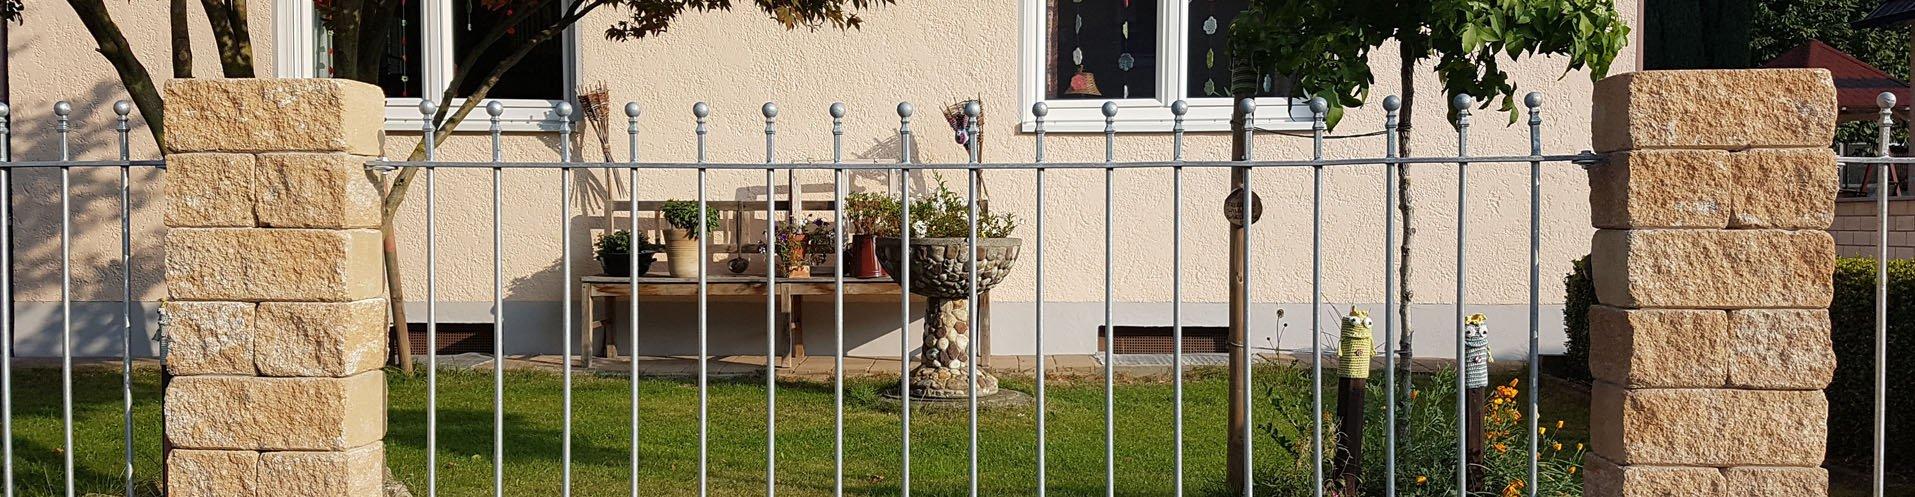 Gartenzaunelemente aus Metall